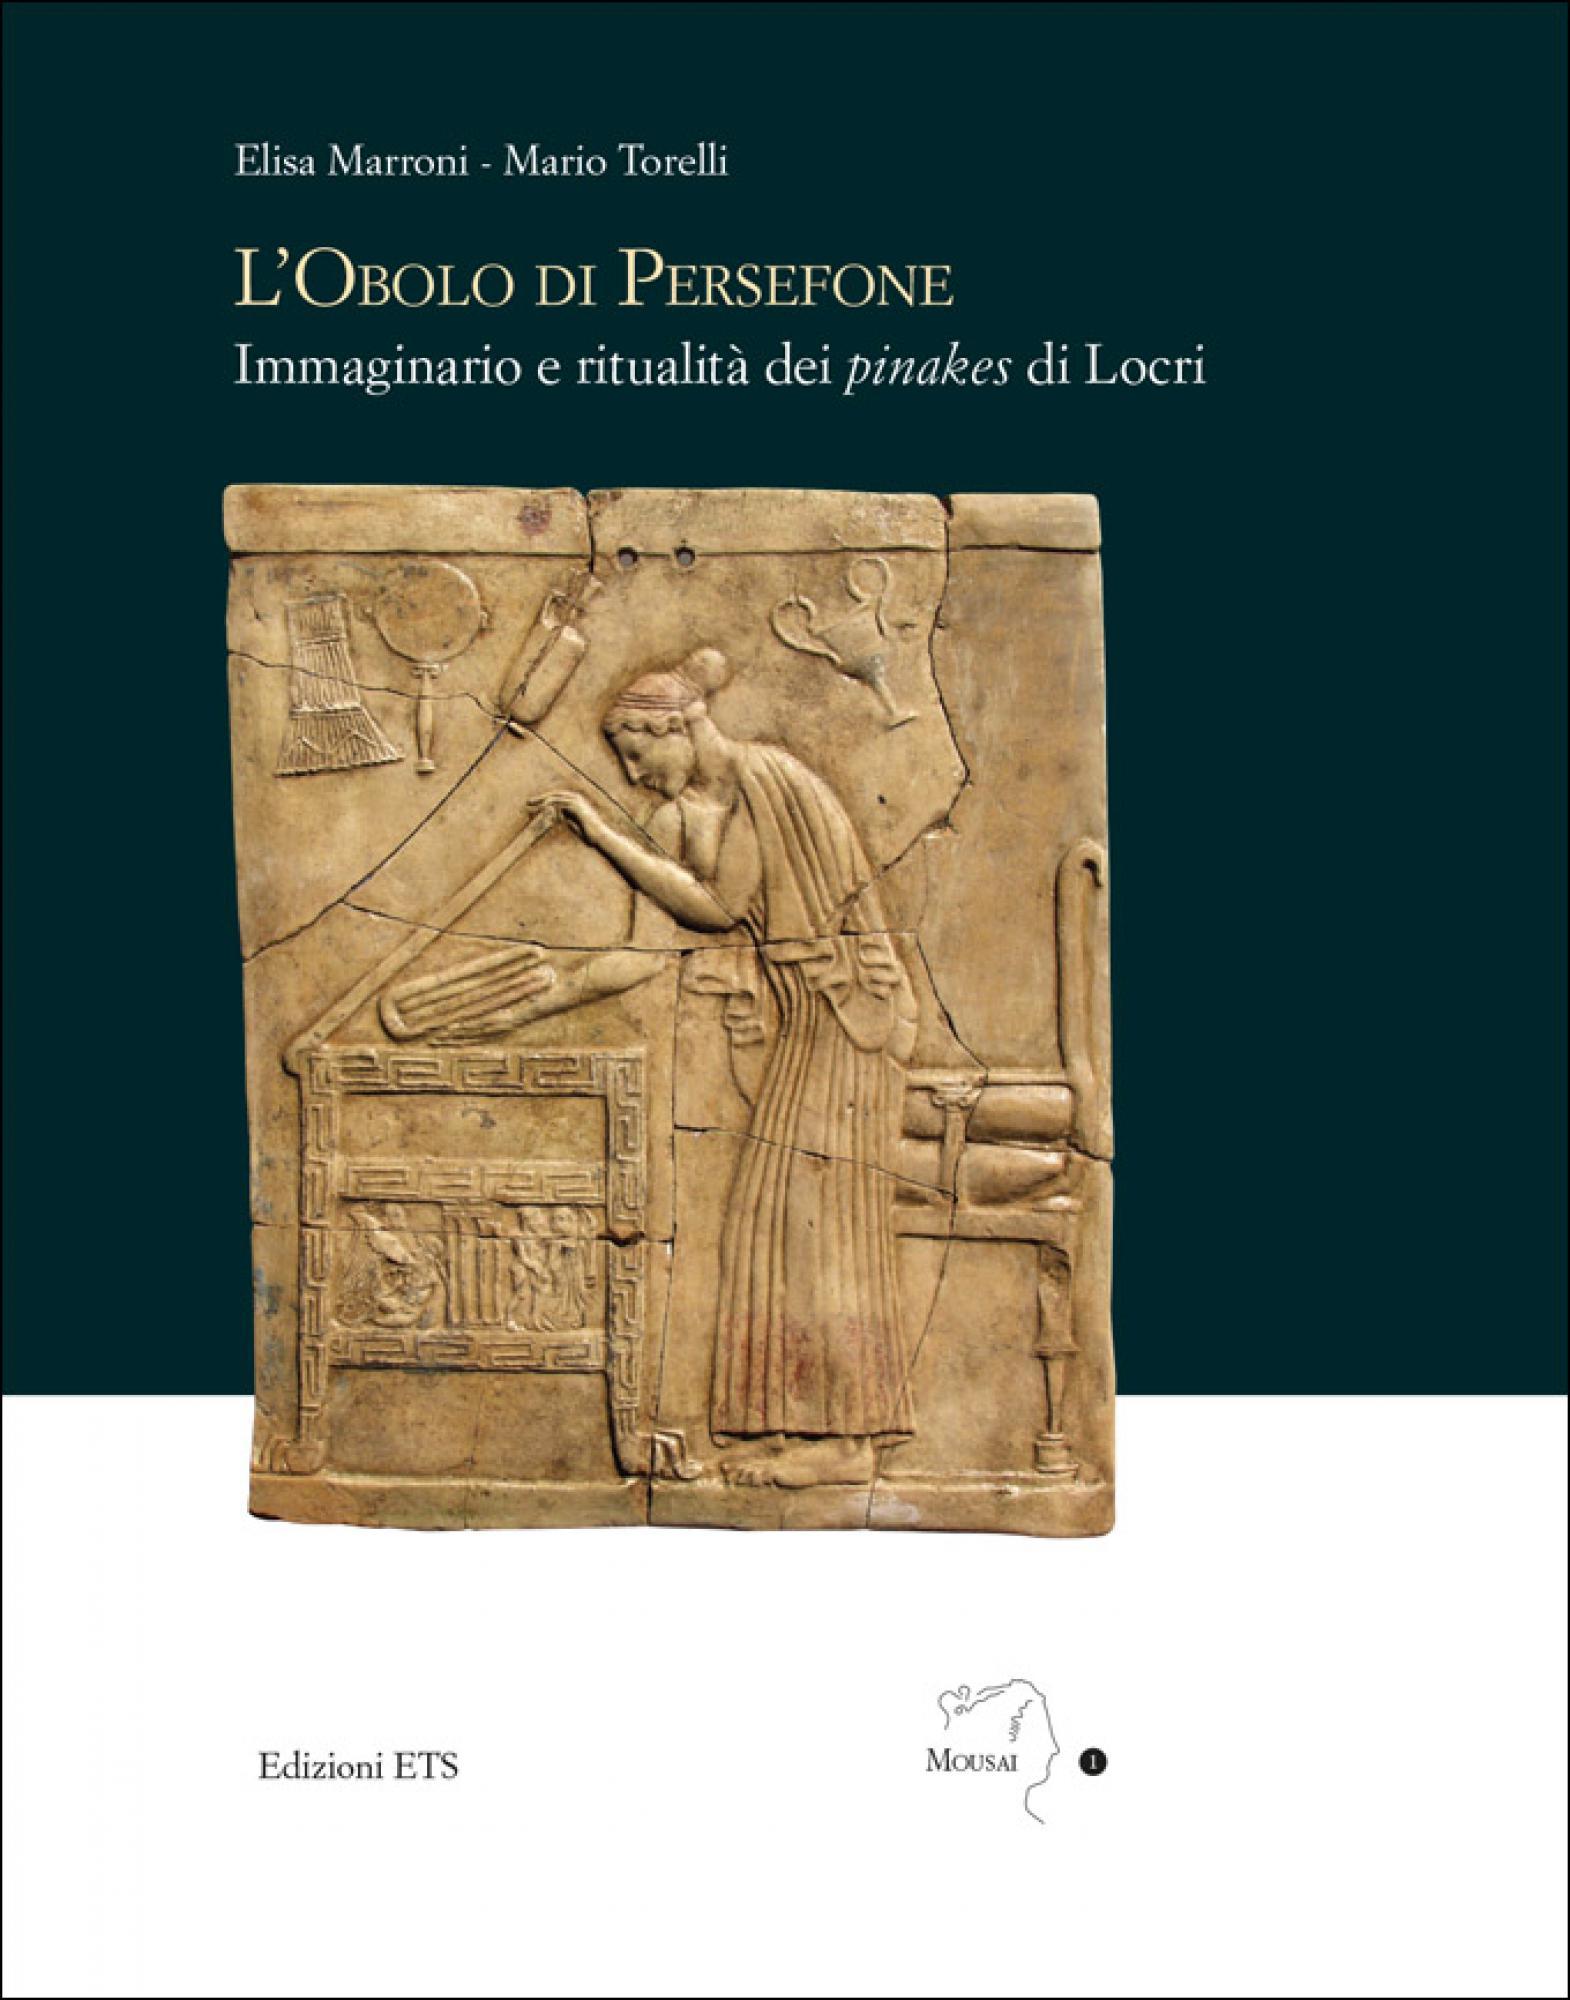 L'Obolo di Persefone.Immaginario e ritualità dei pinakes di Locri